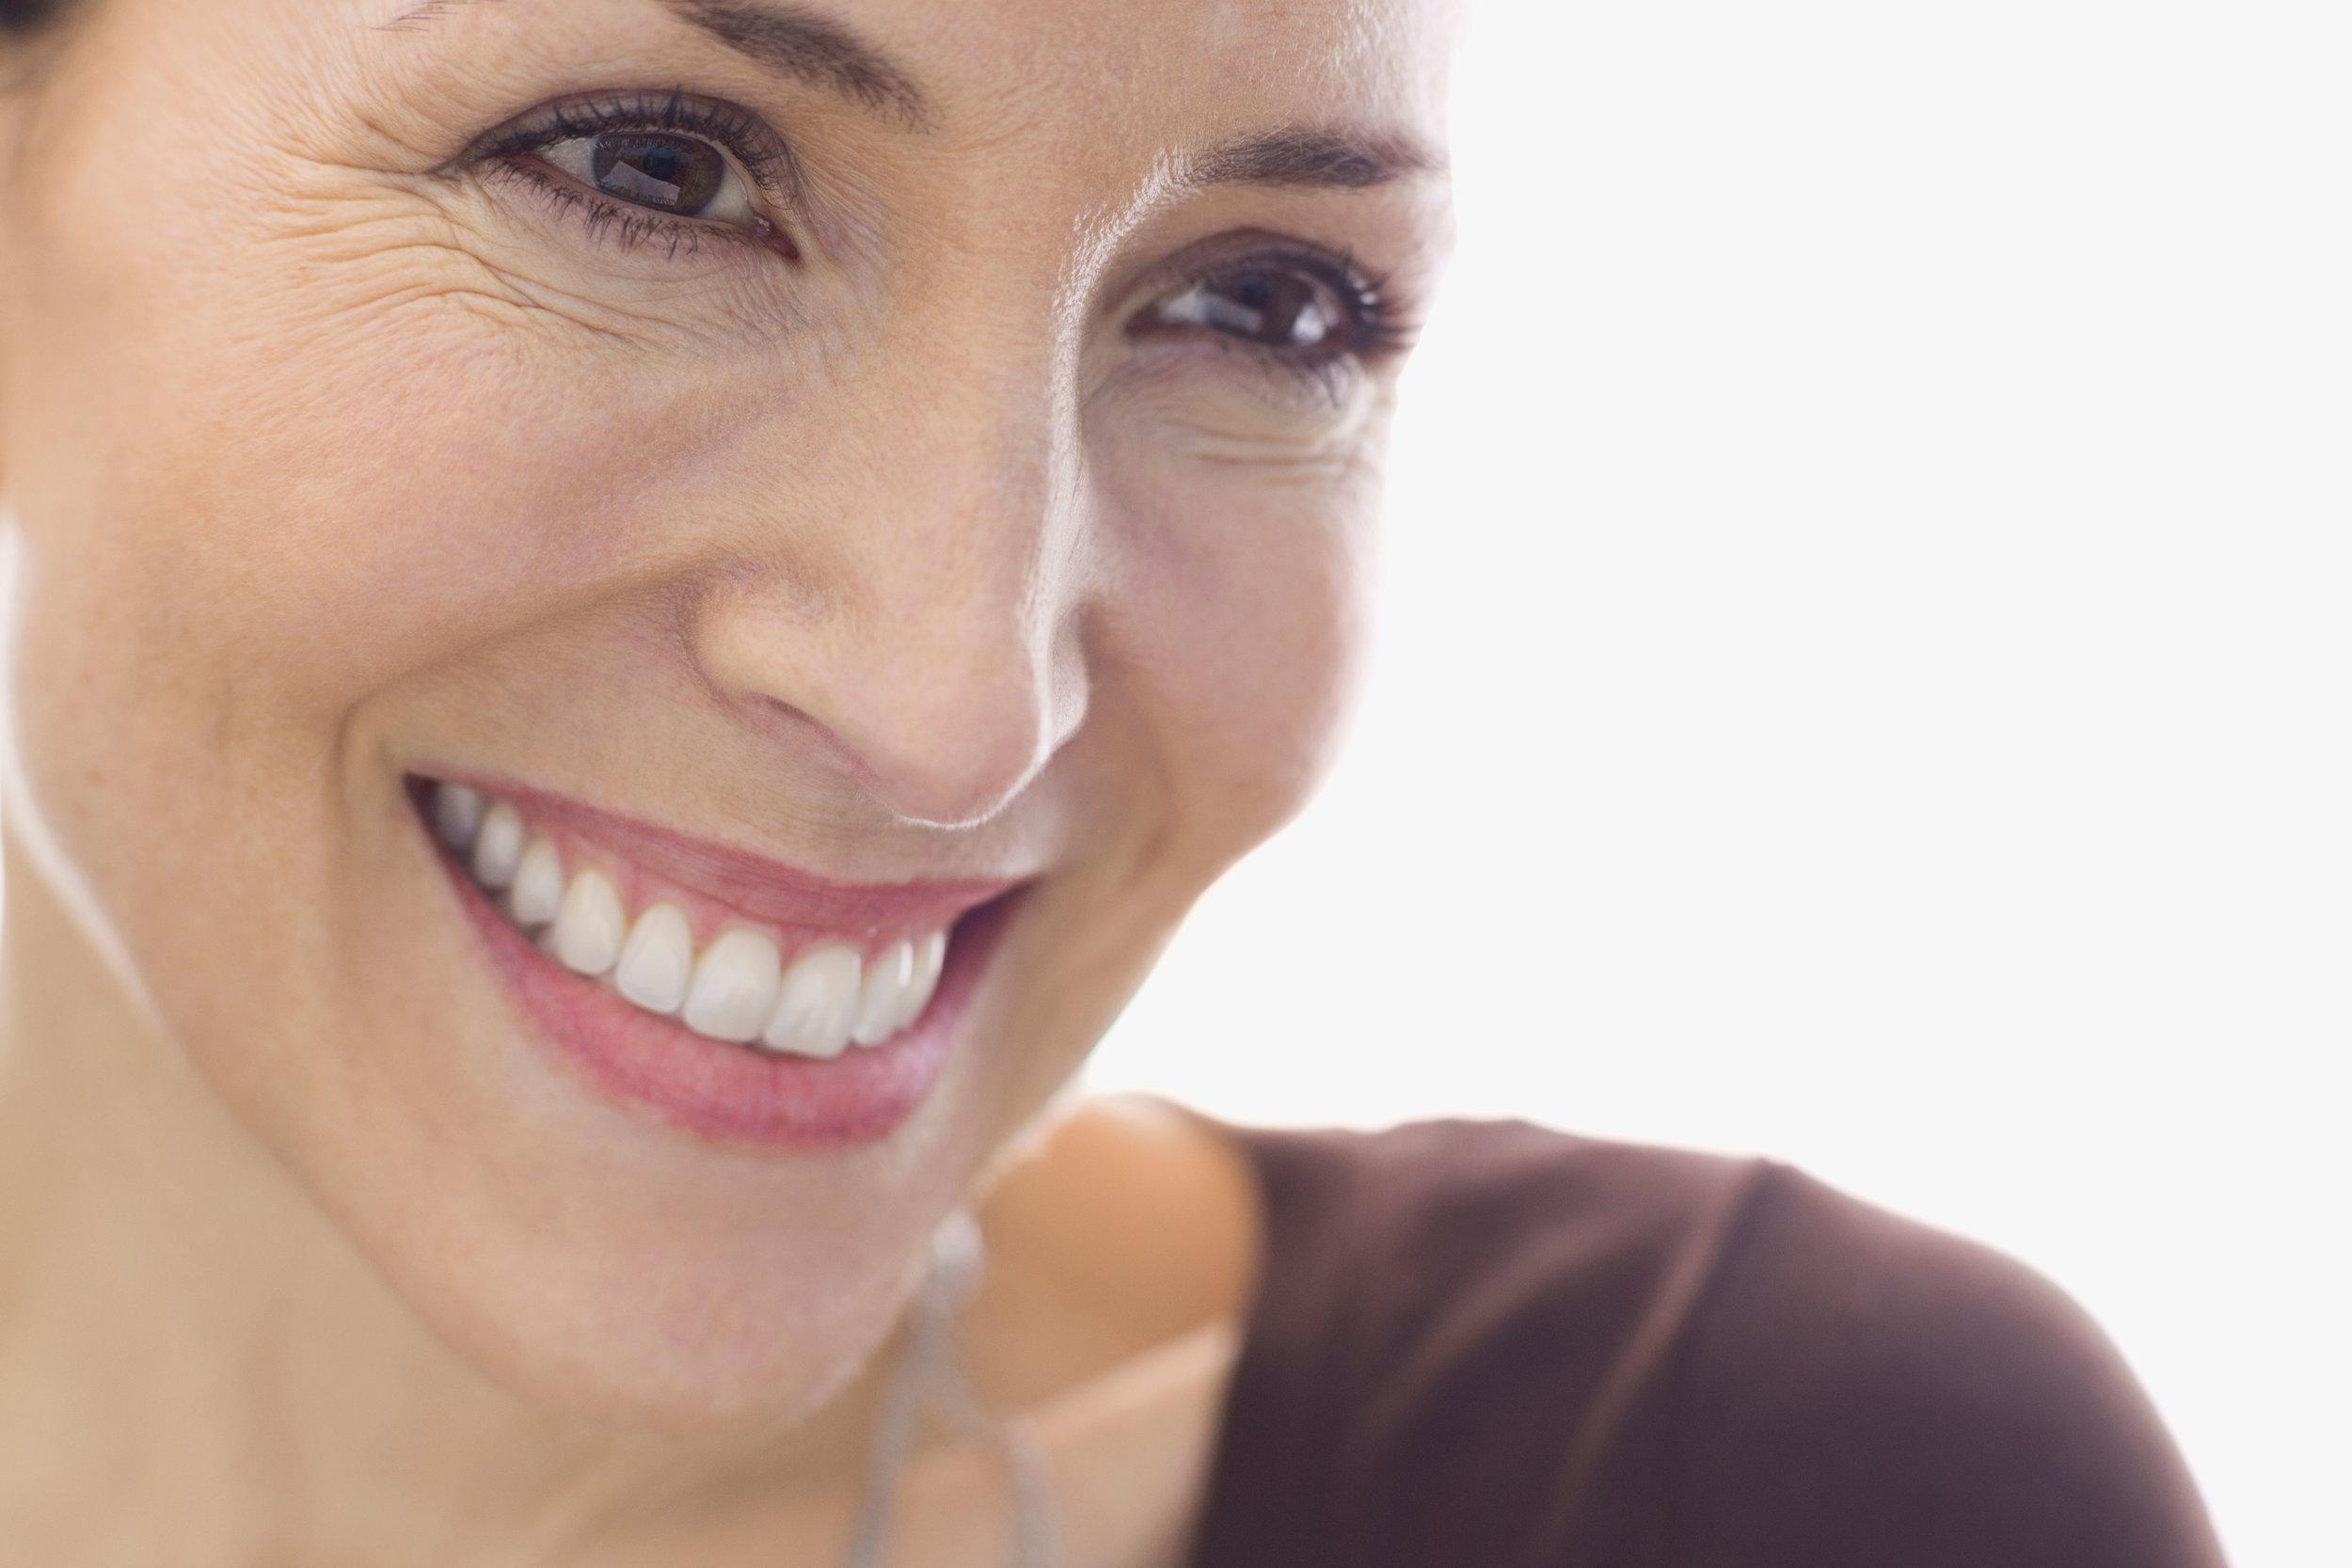 women smiling.jpg